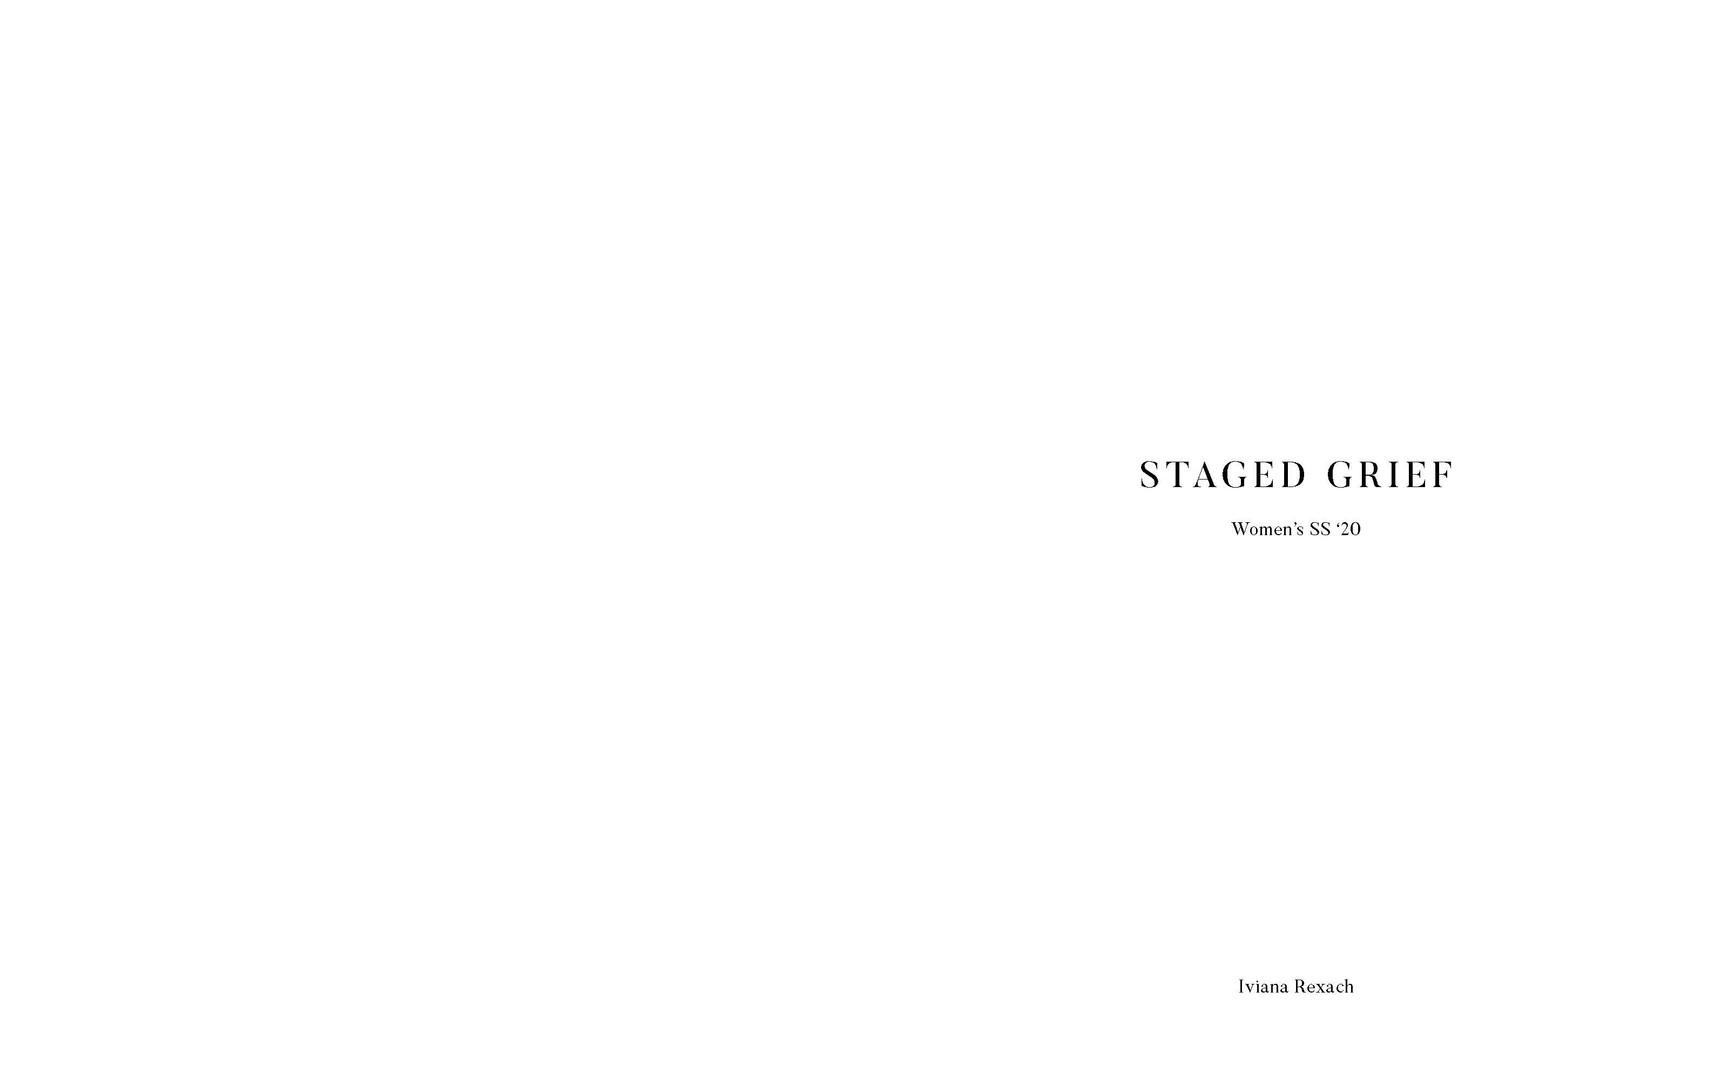 StagedGrief_Digital_Page_02.jpg